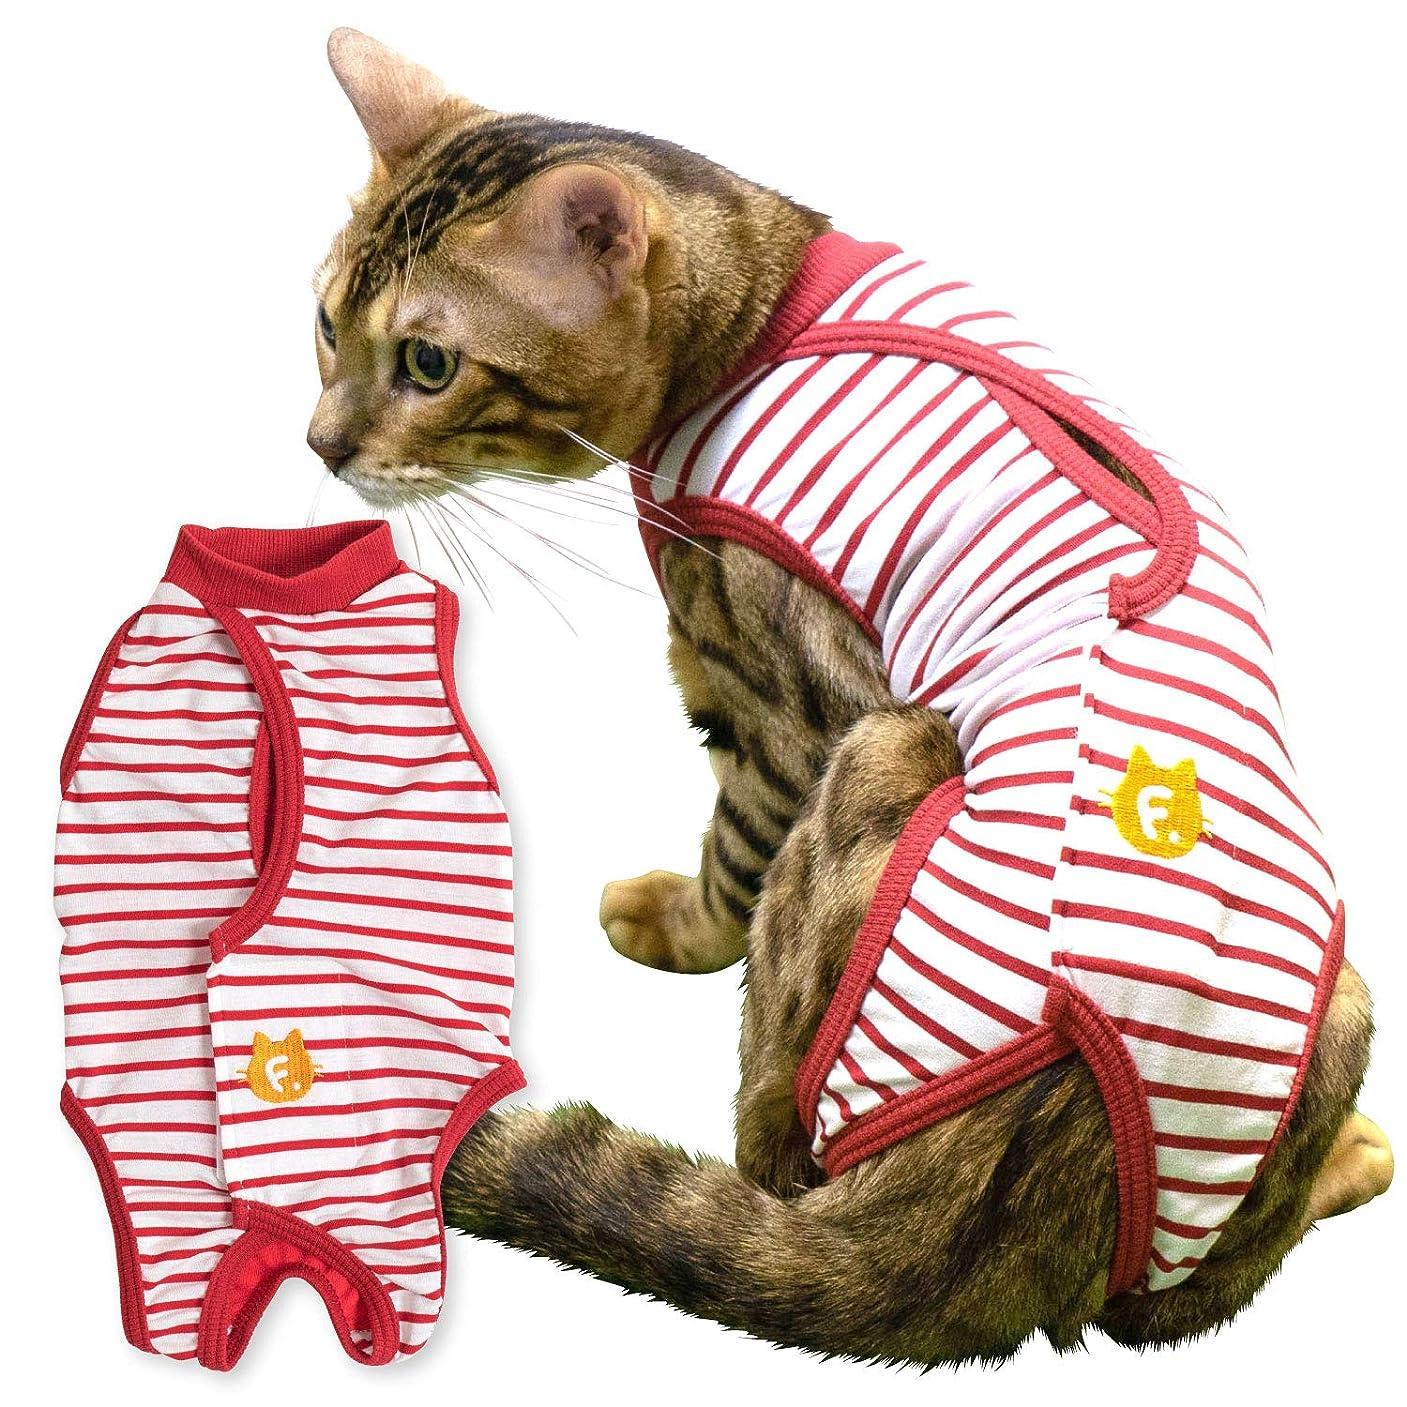 獣医師と共同開発 エリザベスカラーに代わる 猫用 消臭機能付き術後服エリザベスウエア(R) 男 女の子 雄 雌兼用 カラー 3 レッド サイズ C2L フルオブビガー